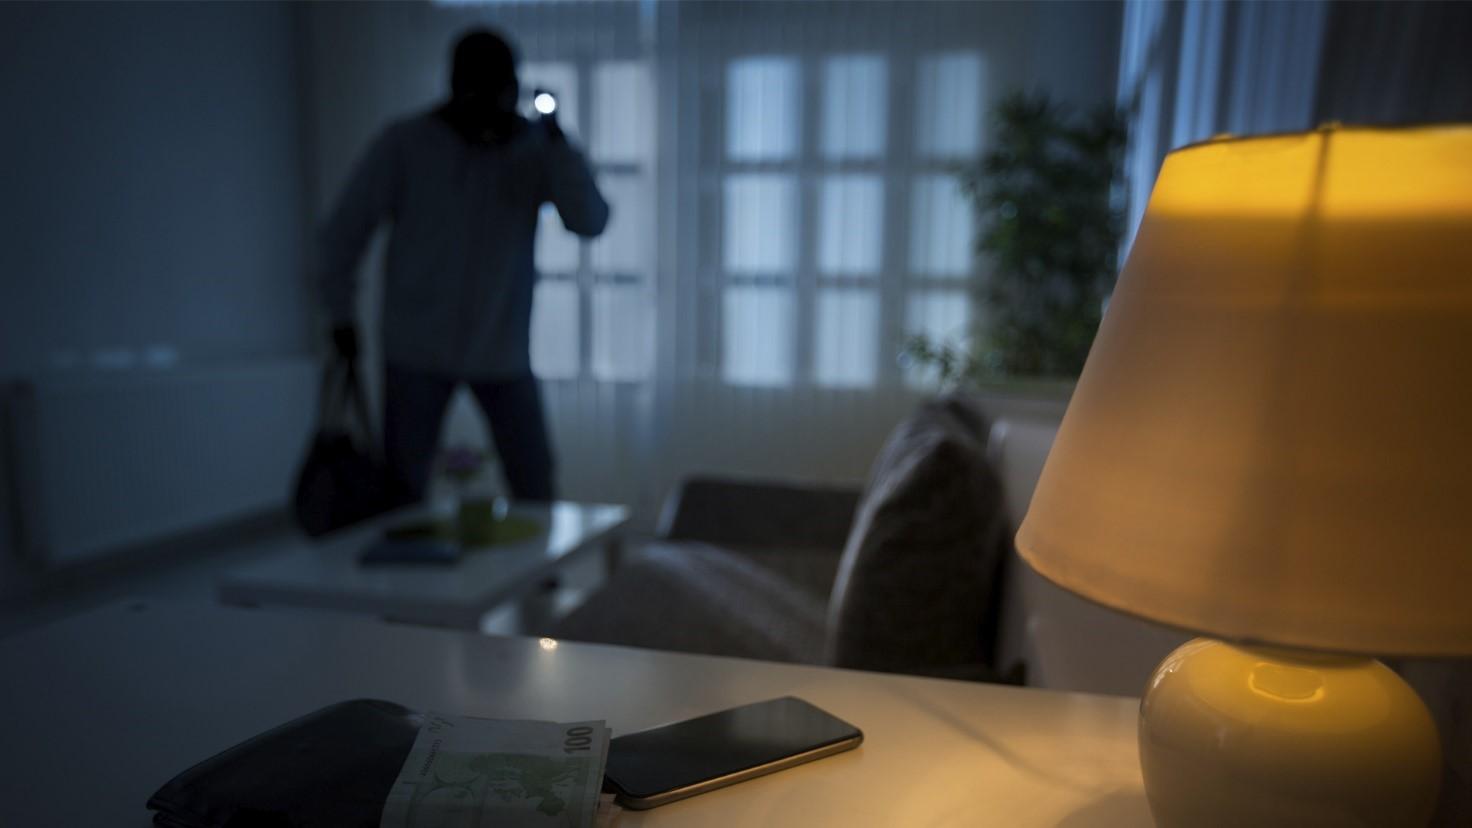 Ladro entra in un'abitazione durante la notte